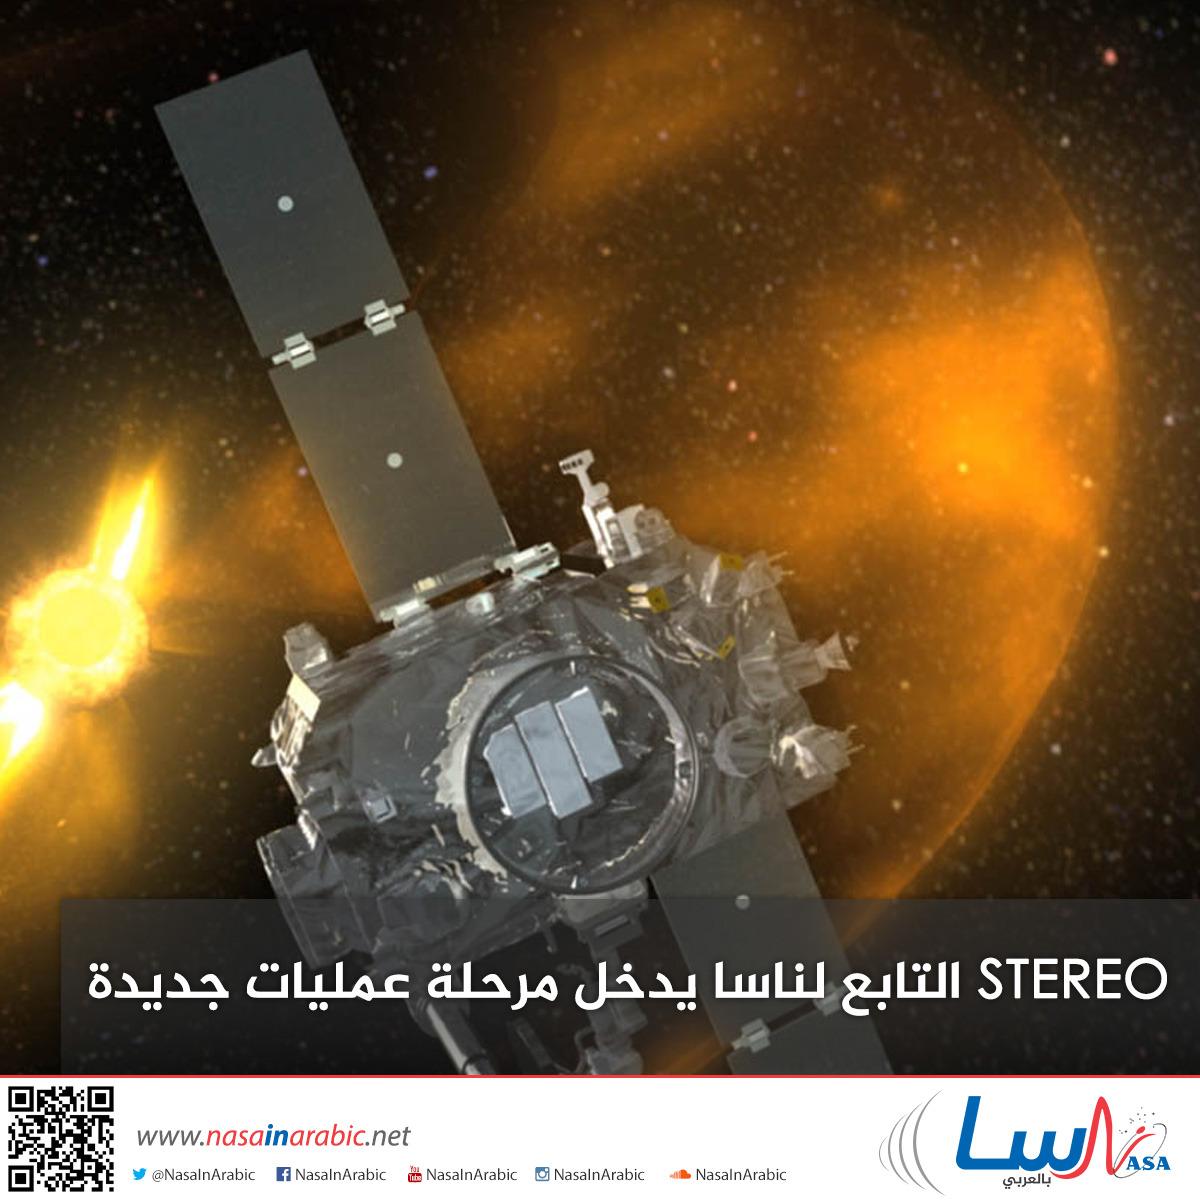 STEREO التابع لناسا يدخل مرحلة عمليات جديدة